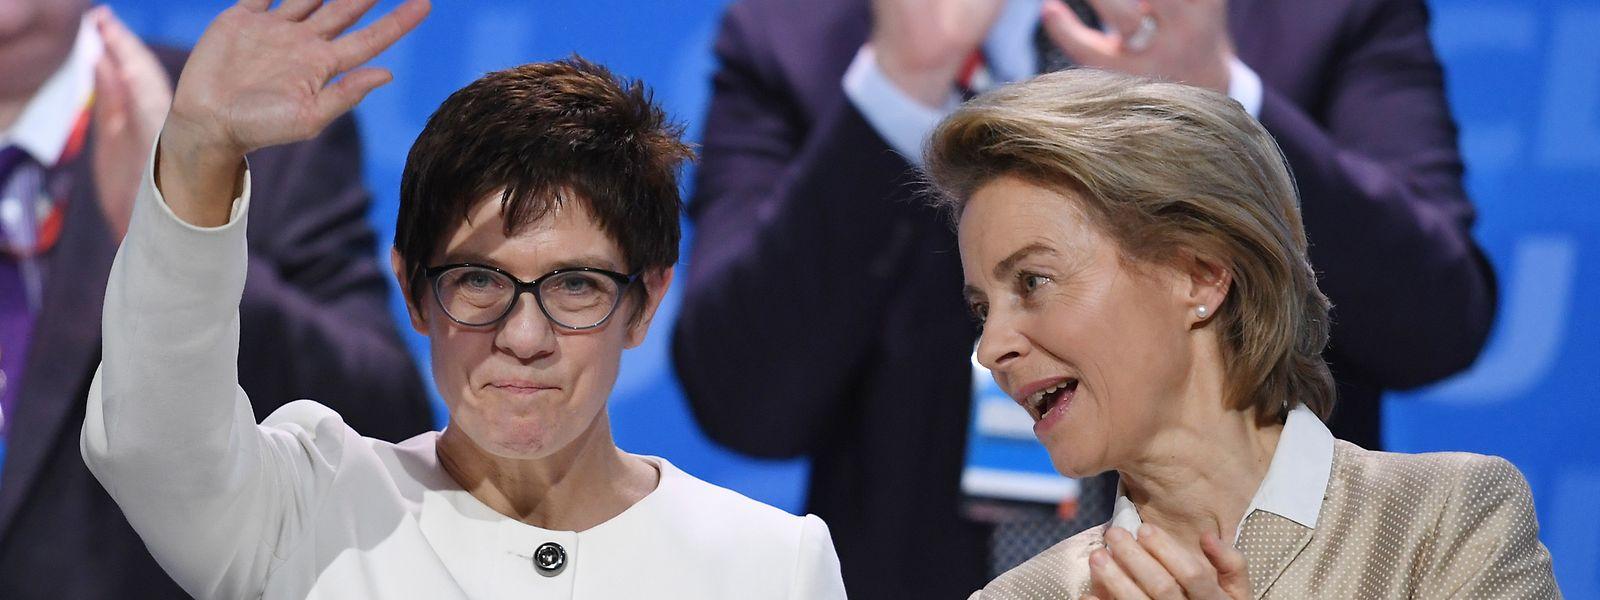 Die neue deutsche Verteidigungsministerin Annegret Kramp-Karrenbauer mit ihrer Vorgängerin Ursula von der Leyen.